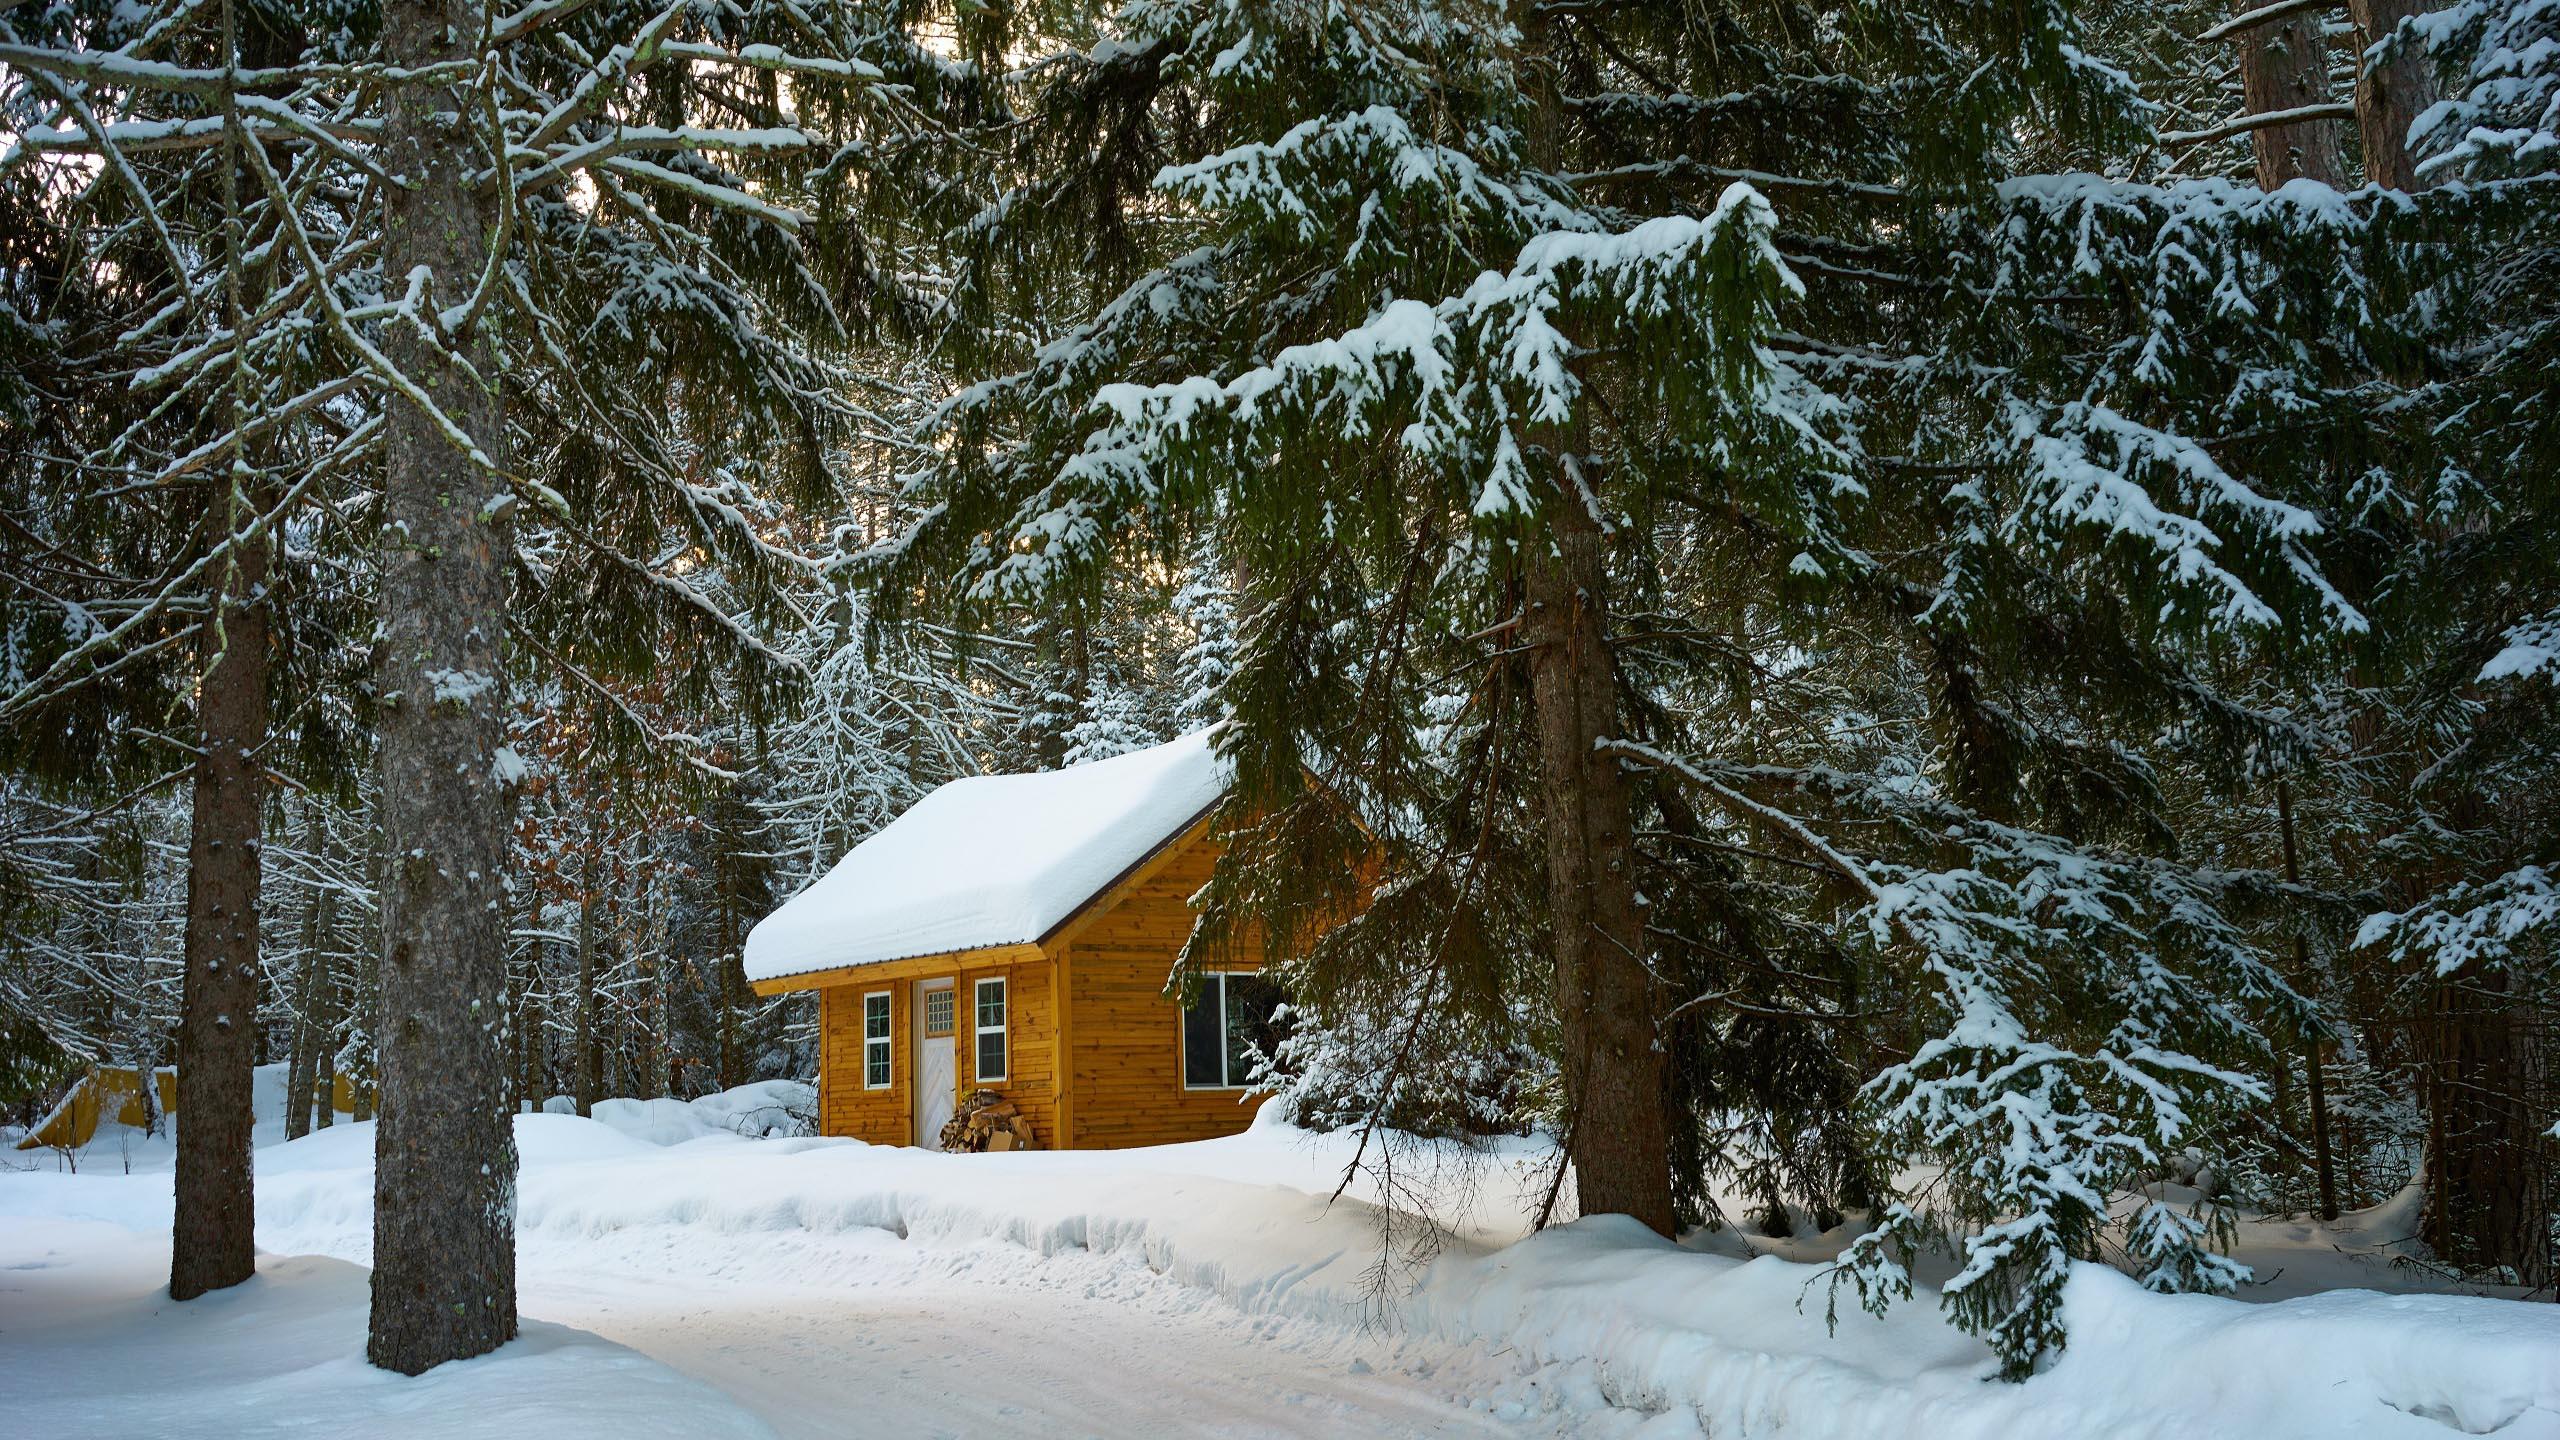 风景大片,冰天雪地,树林,小木屋,大雪